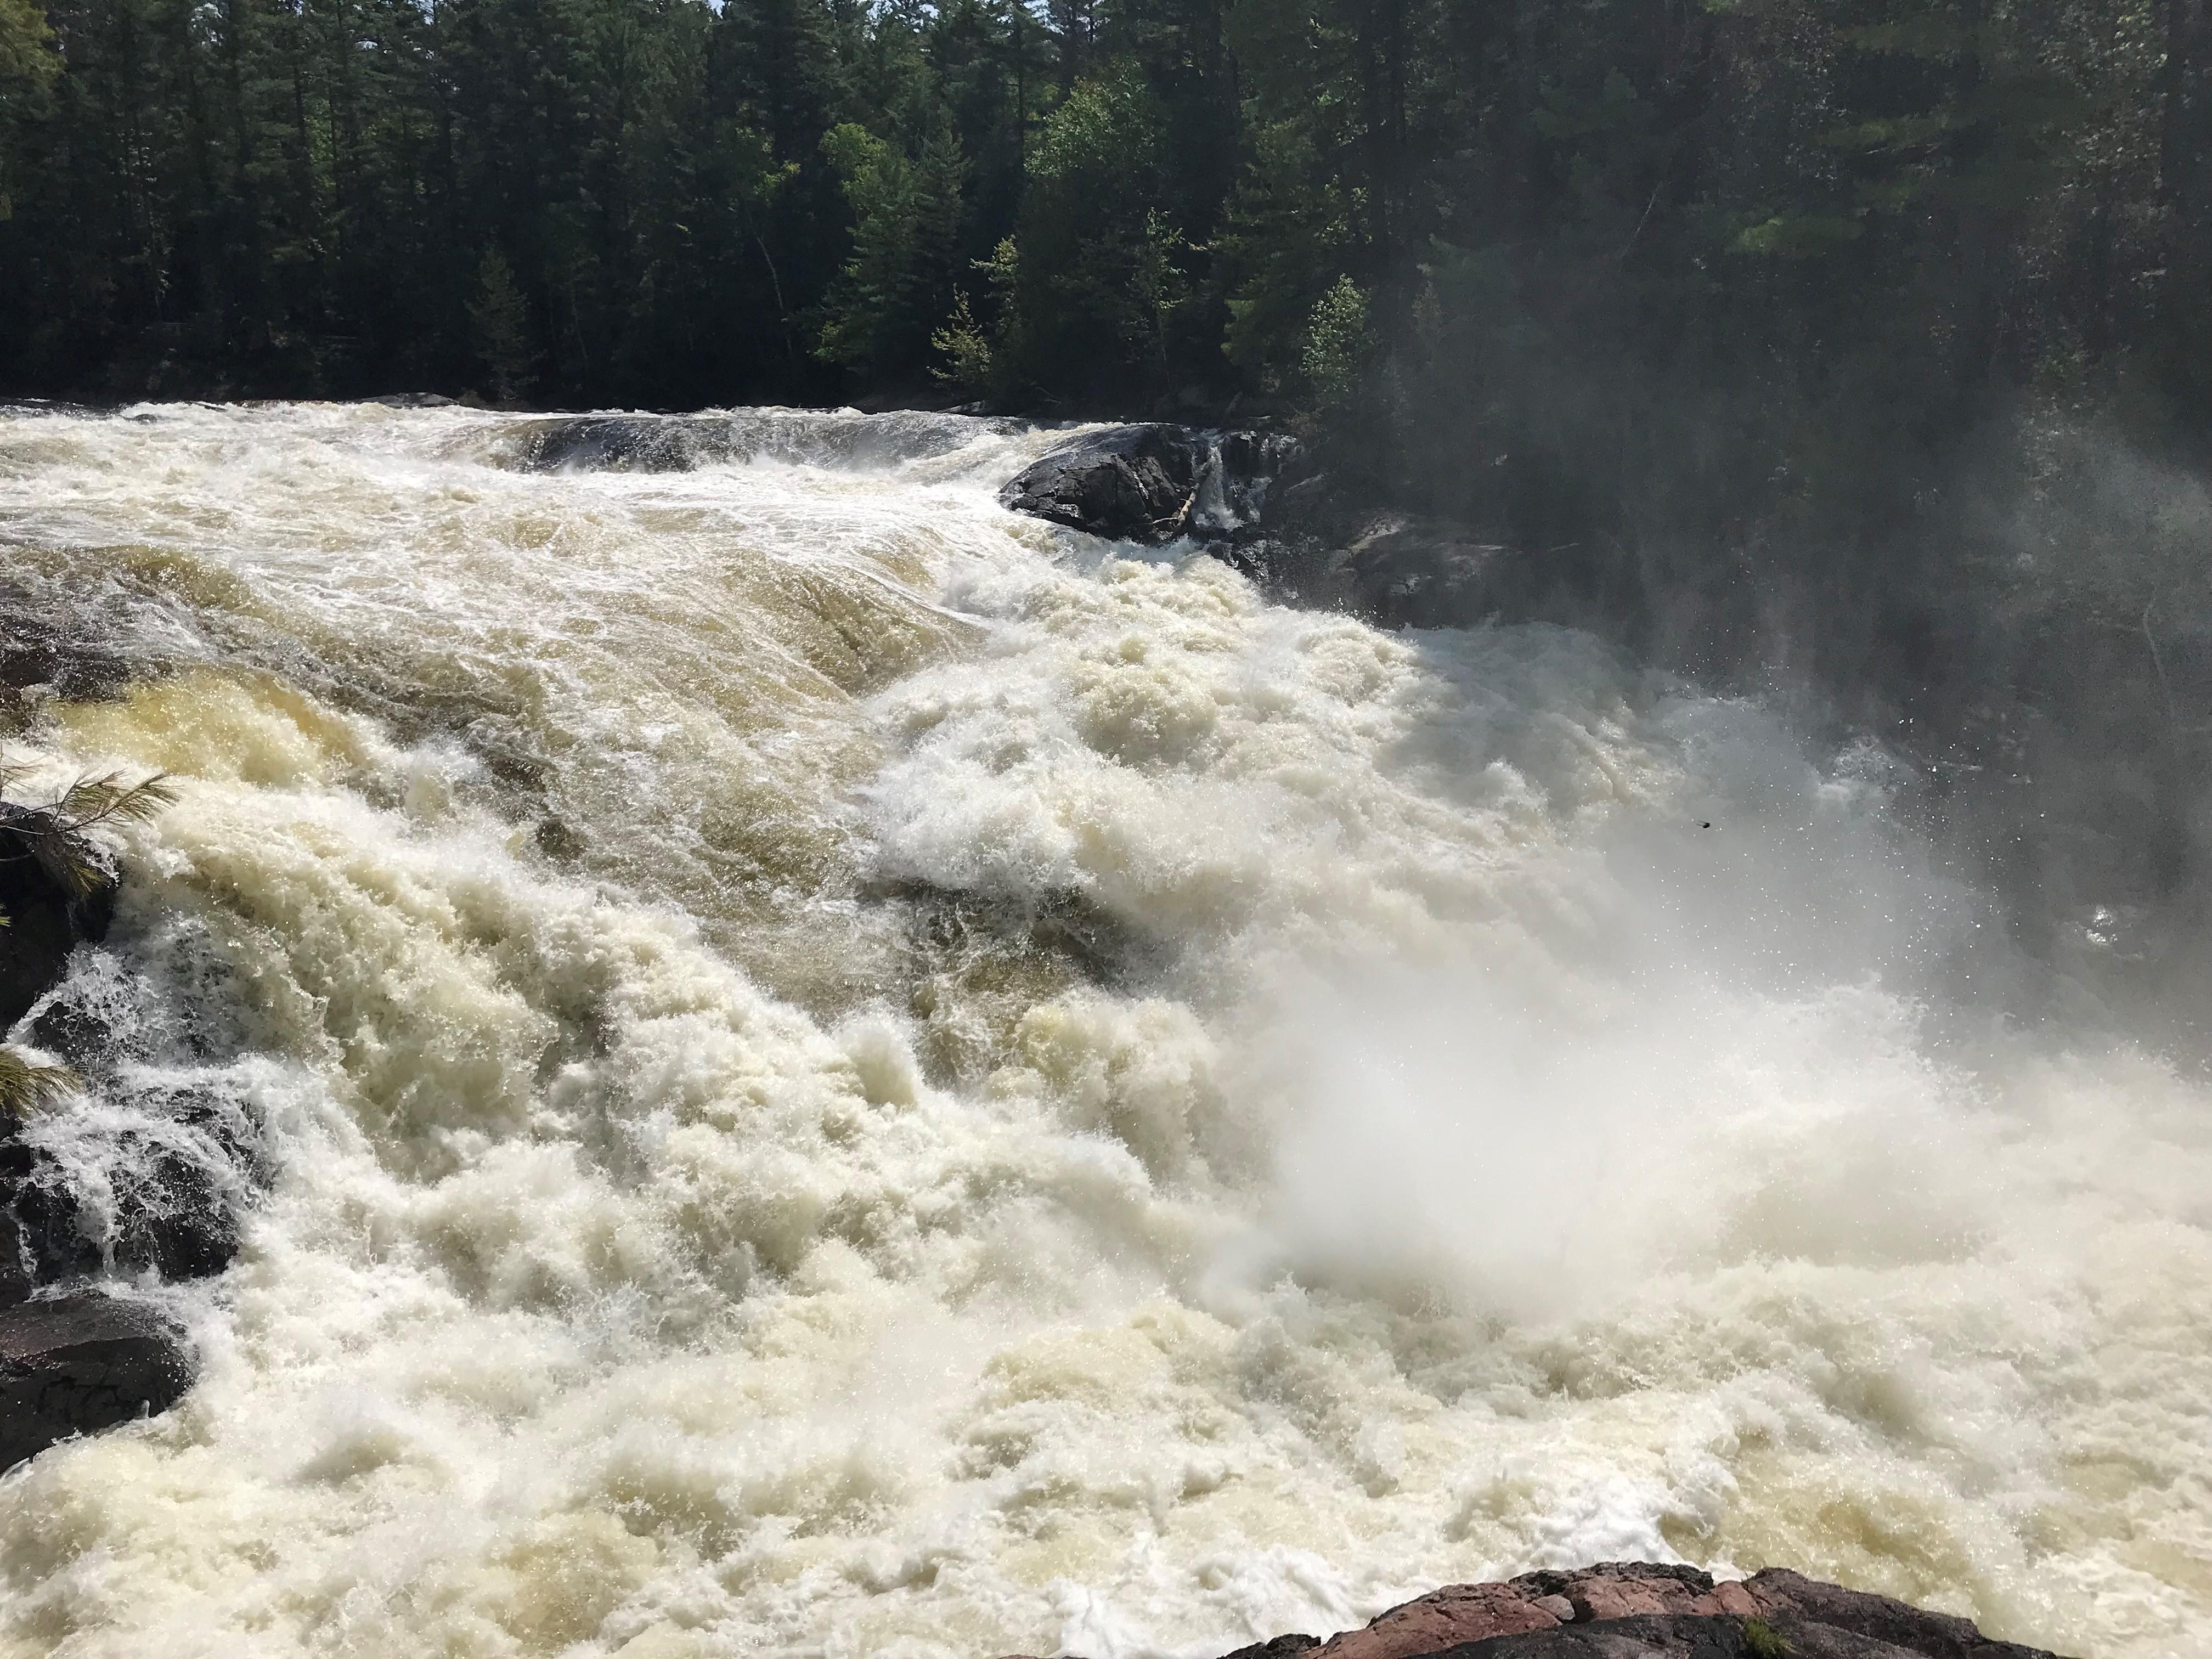 la grande chute rivière kipawa